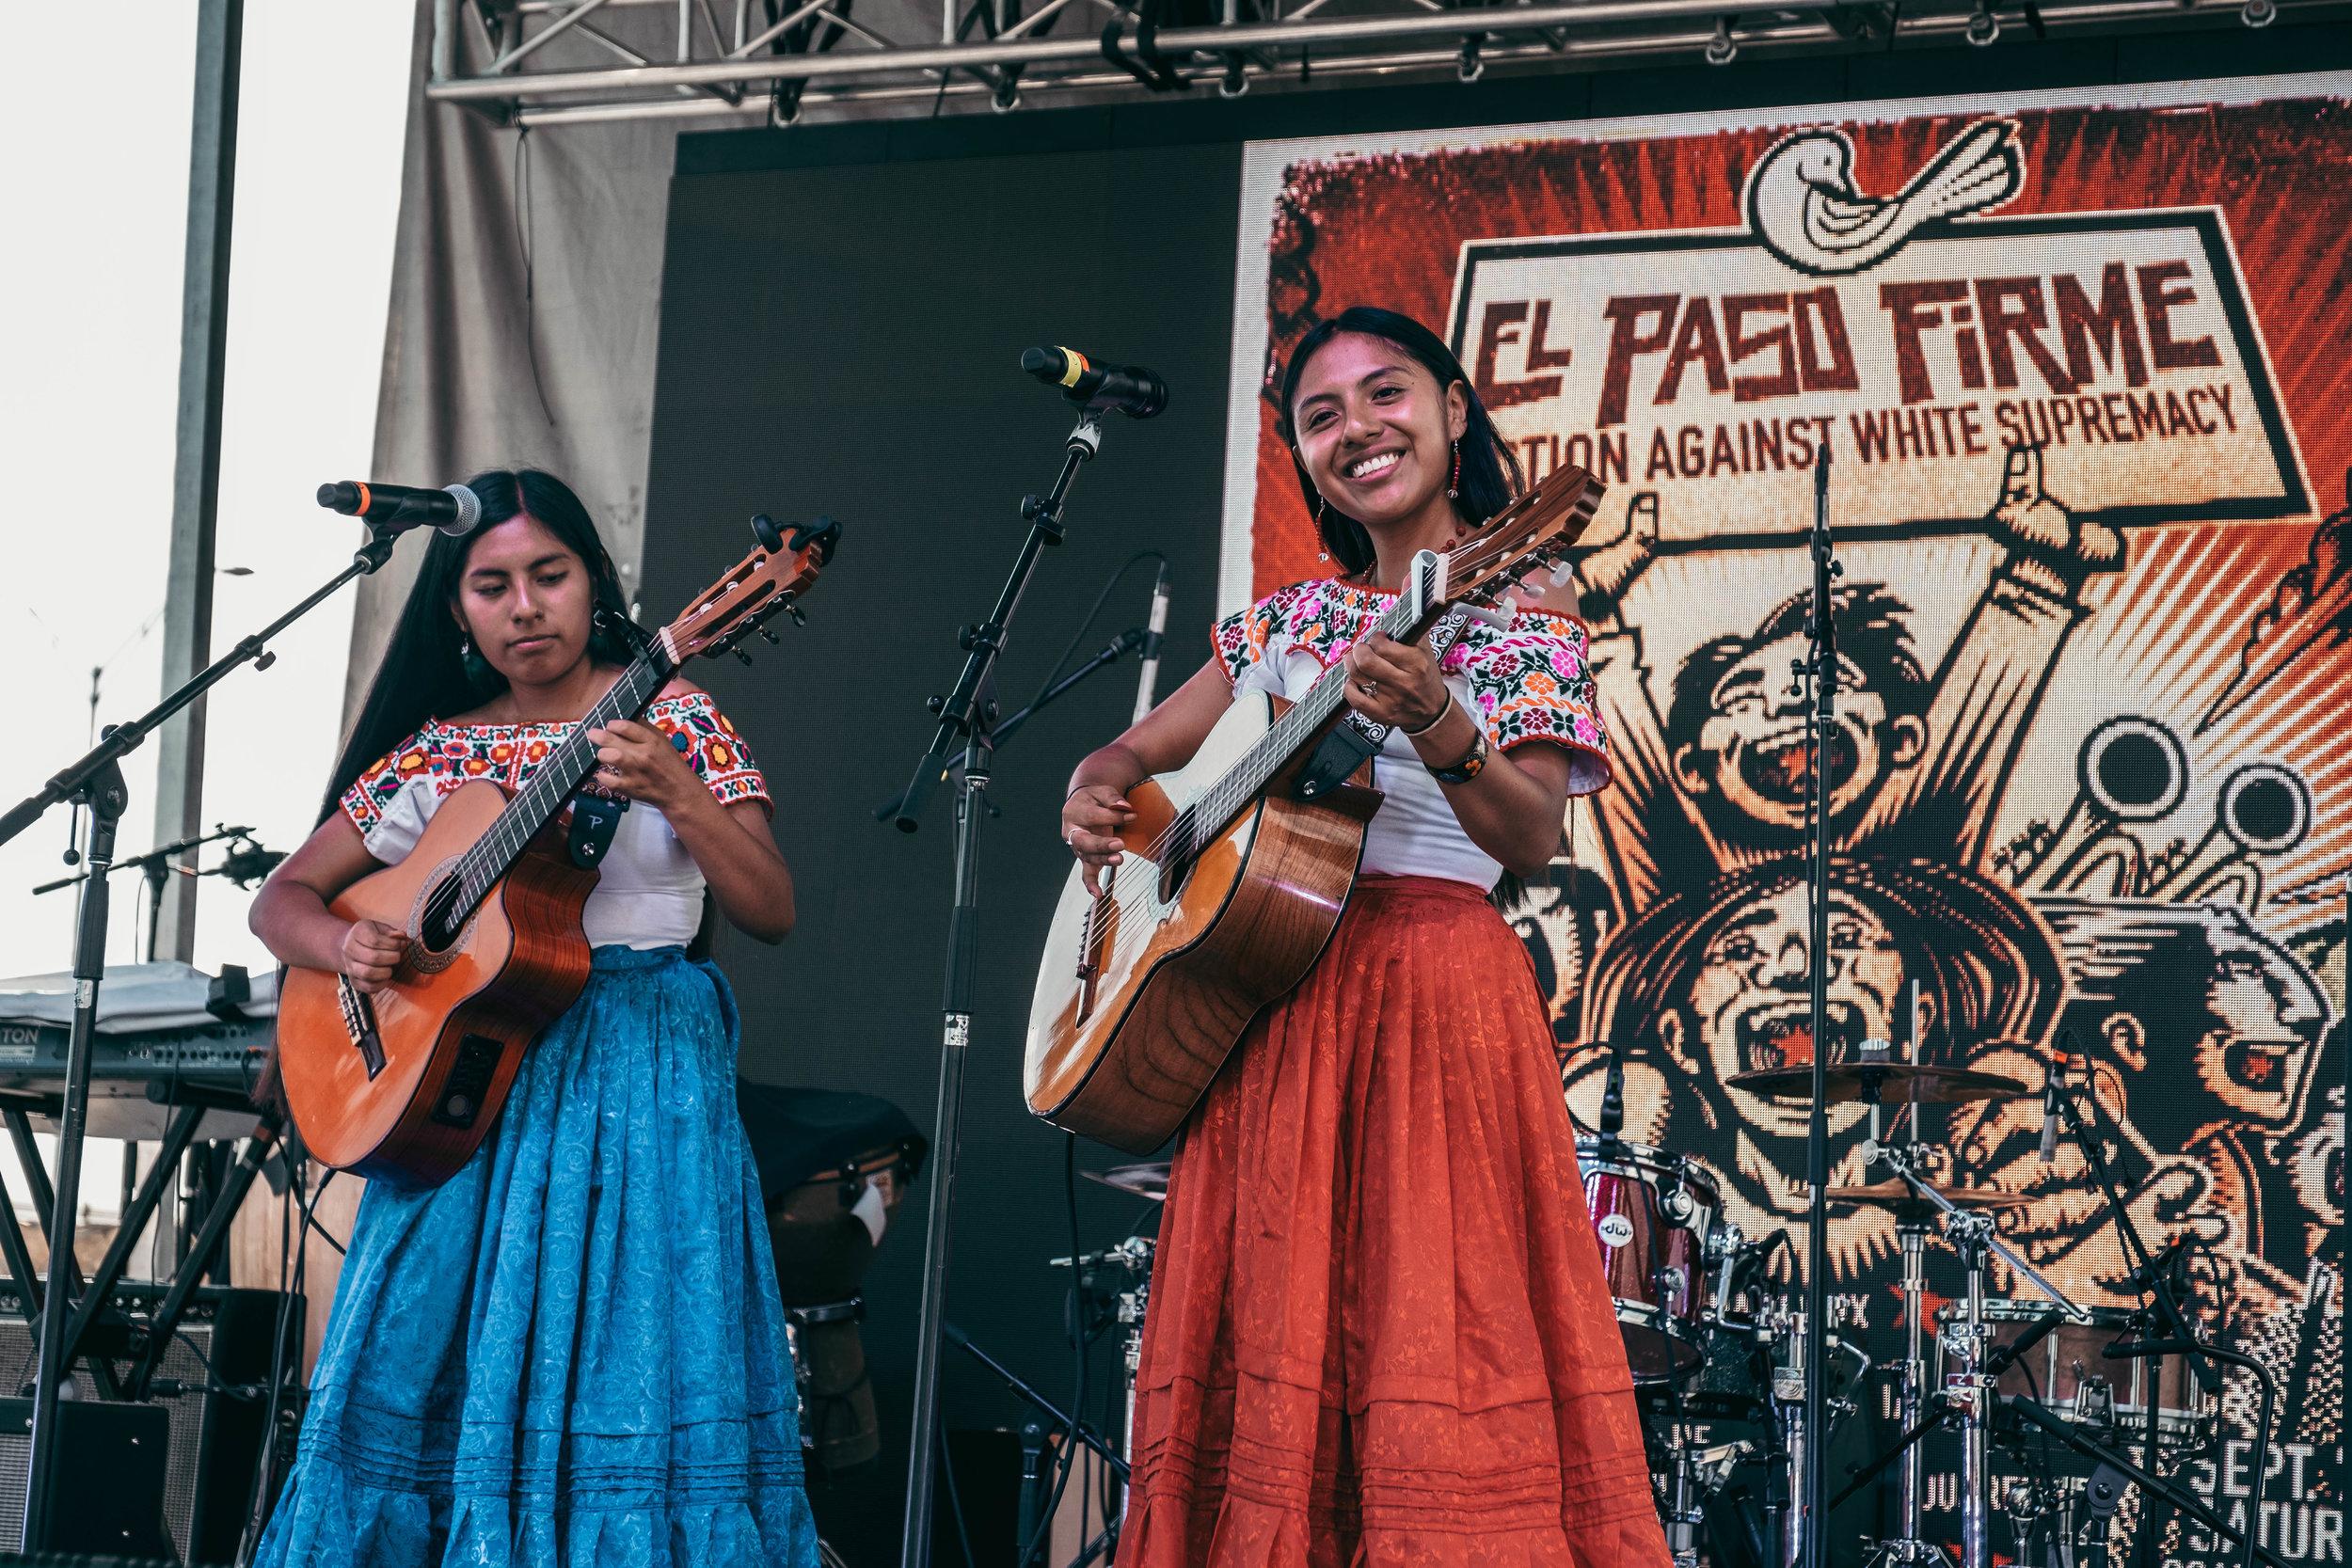 Photos: Sarah M. Vasquez